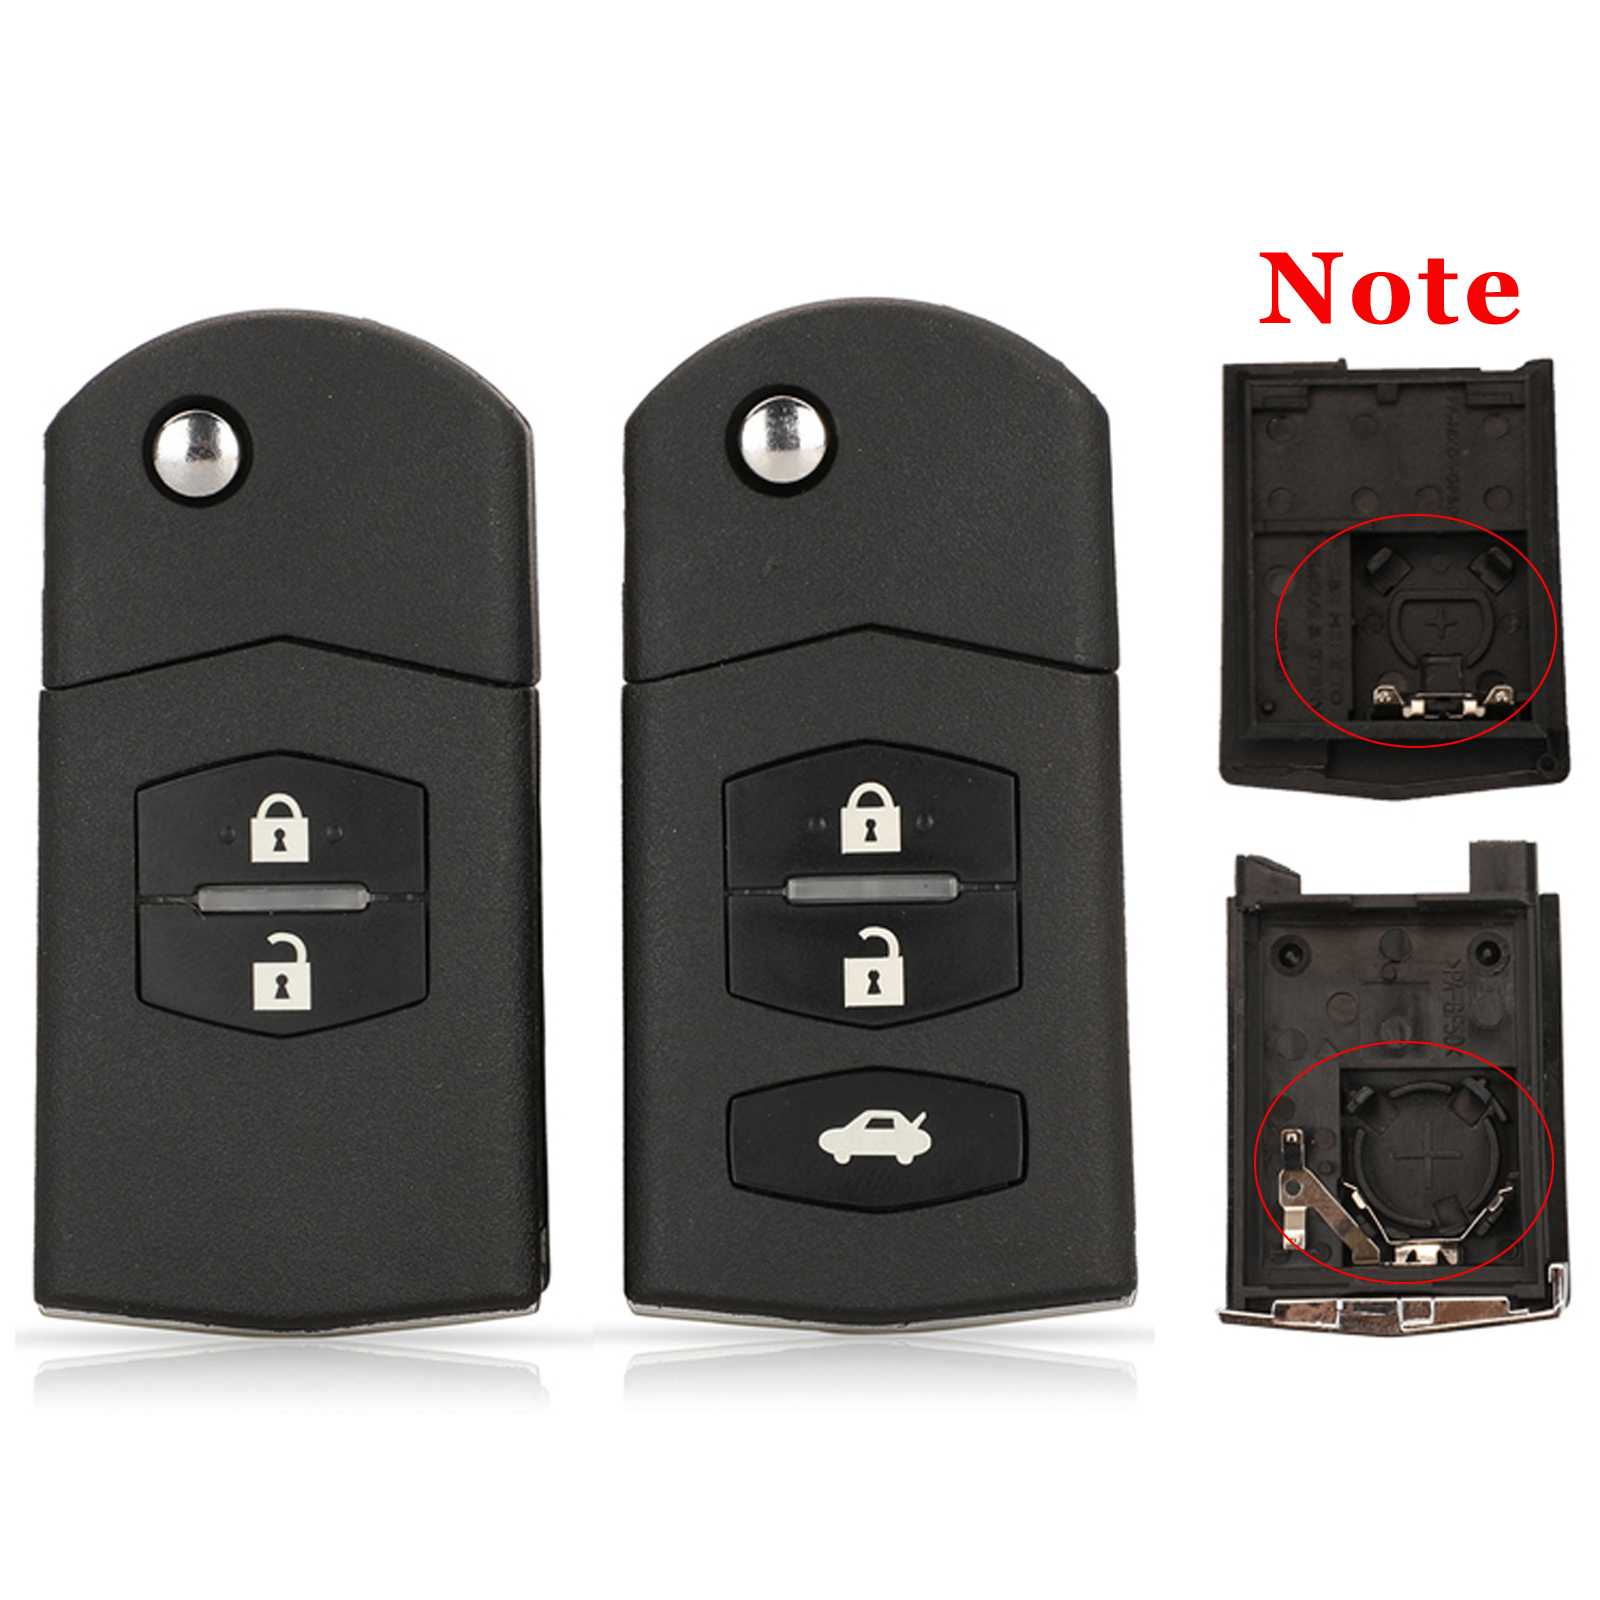 Jingyuqin 2/3 кнопочный дистанционный Складной флип-брелок для автомобильного ключа чехол для Mazda 3 5 6 необработанное лезвие с держателем аккумул...